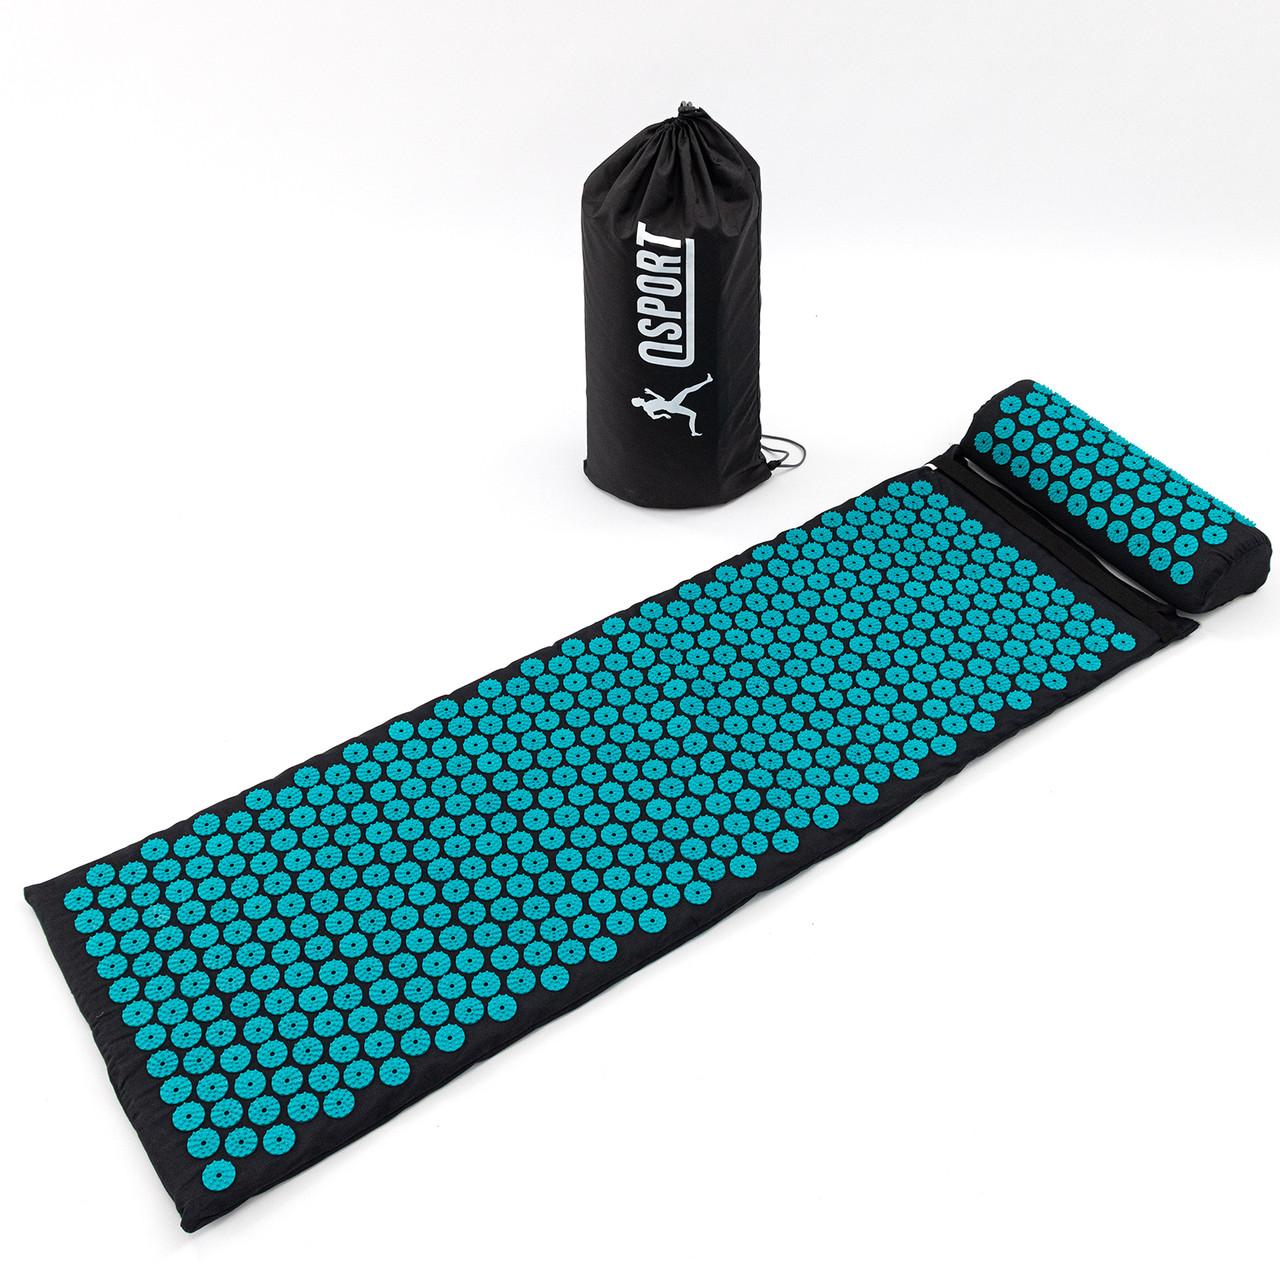 Набір Аплікатор Кузнєцова масажний акупунктурний килимок + подушка масажер для спини/ніг OSPORT Pro (n-0006)